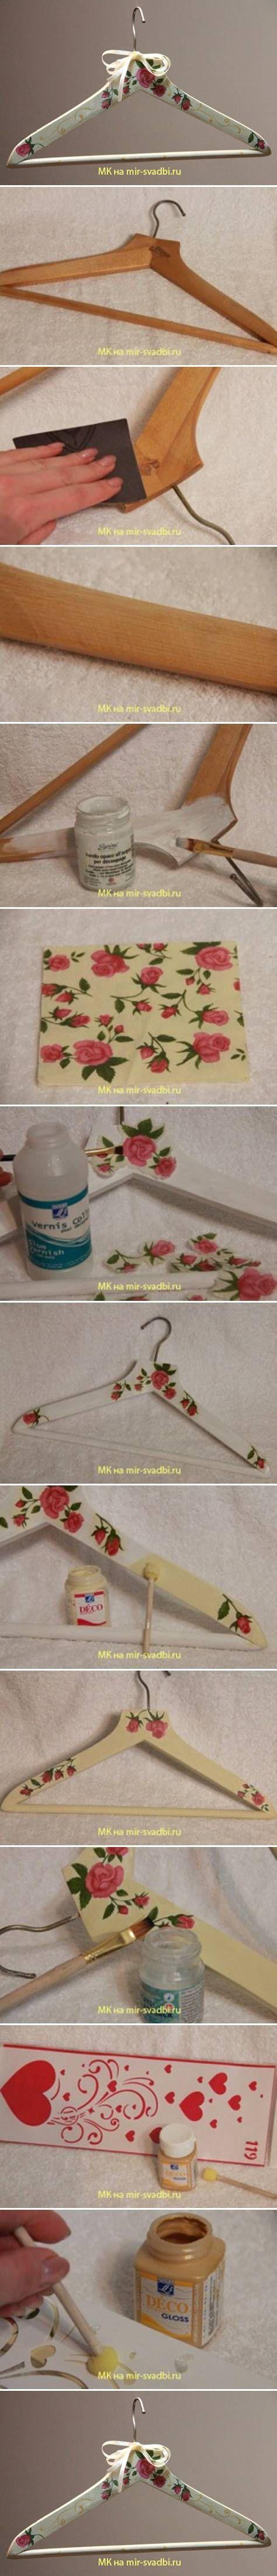 Percha con decoupage   -   DIY Hanger Decoupage